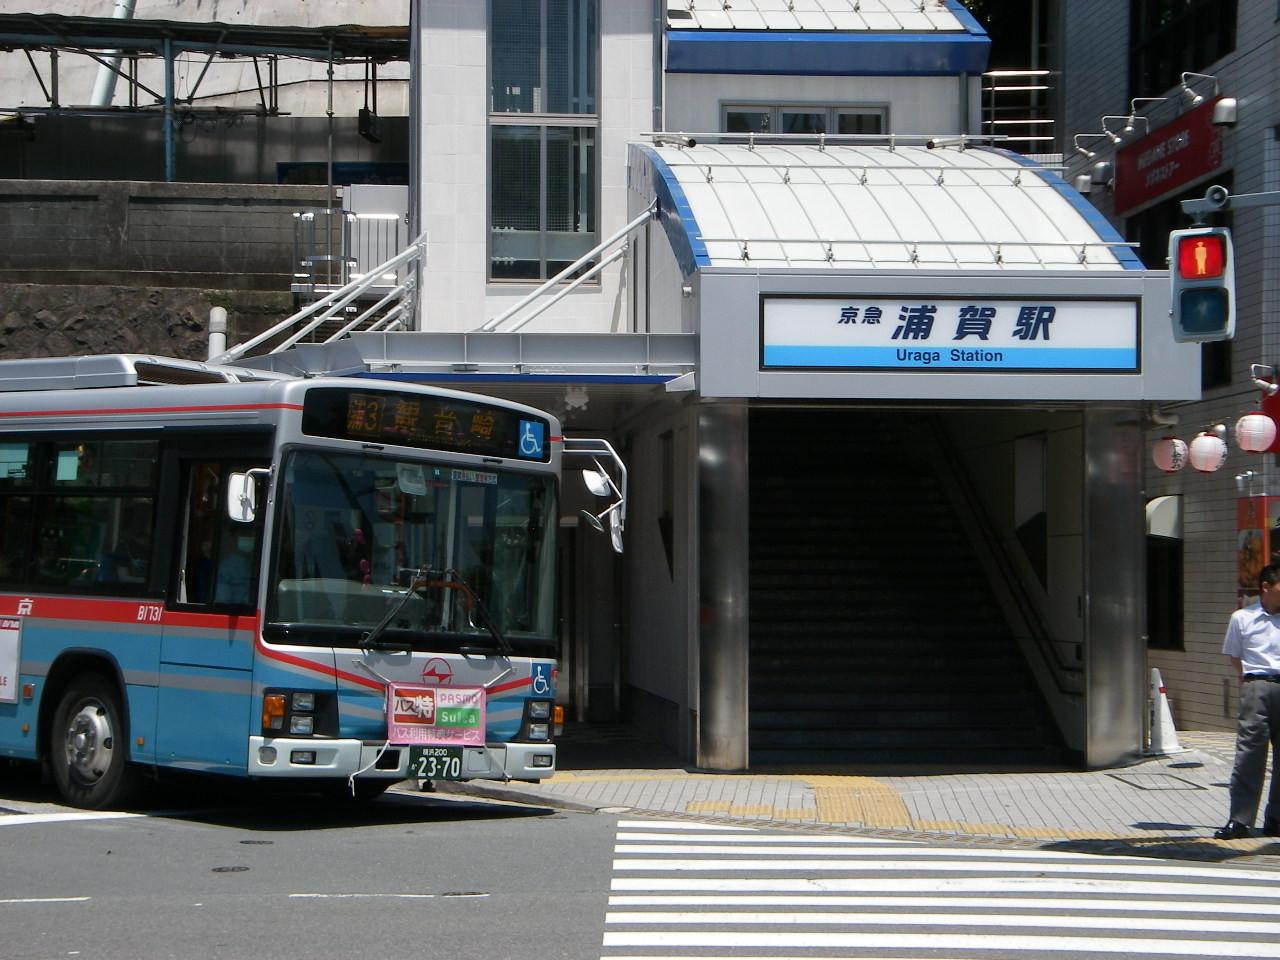 京急浦賀駅と京急バス